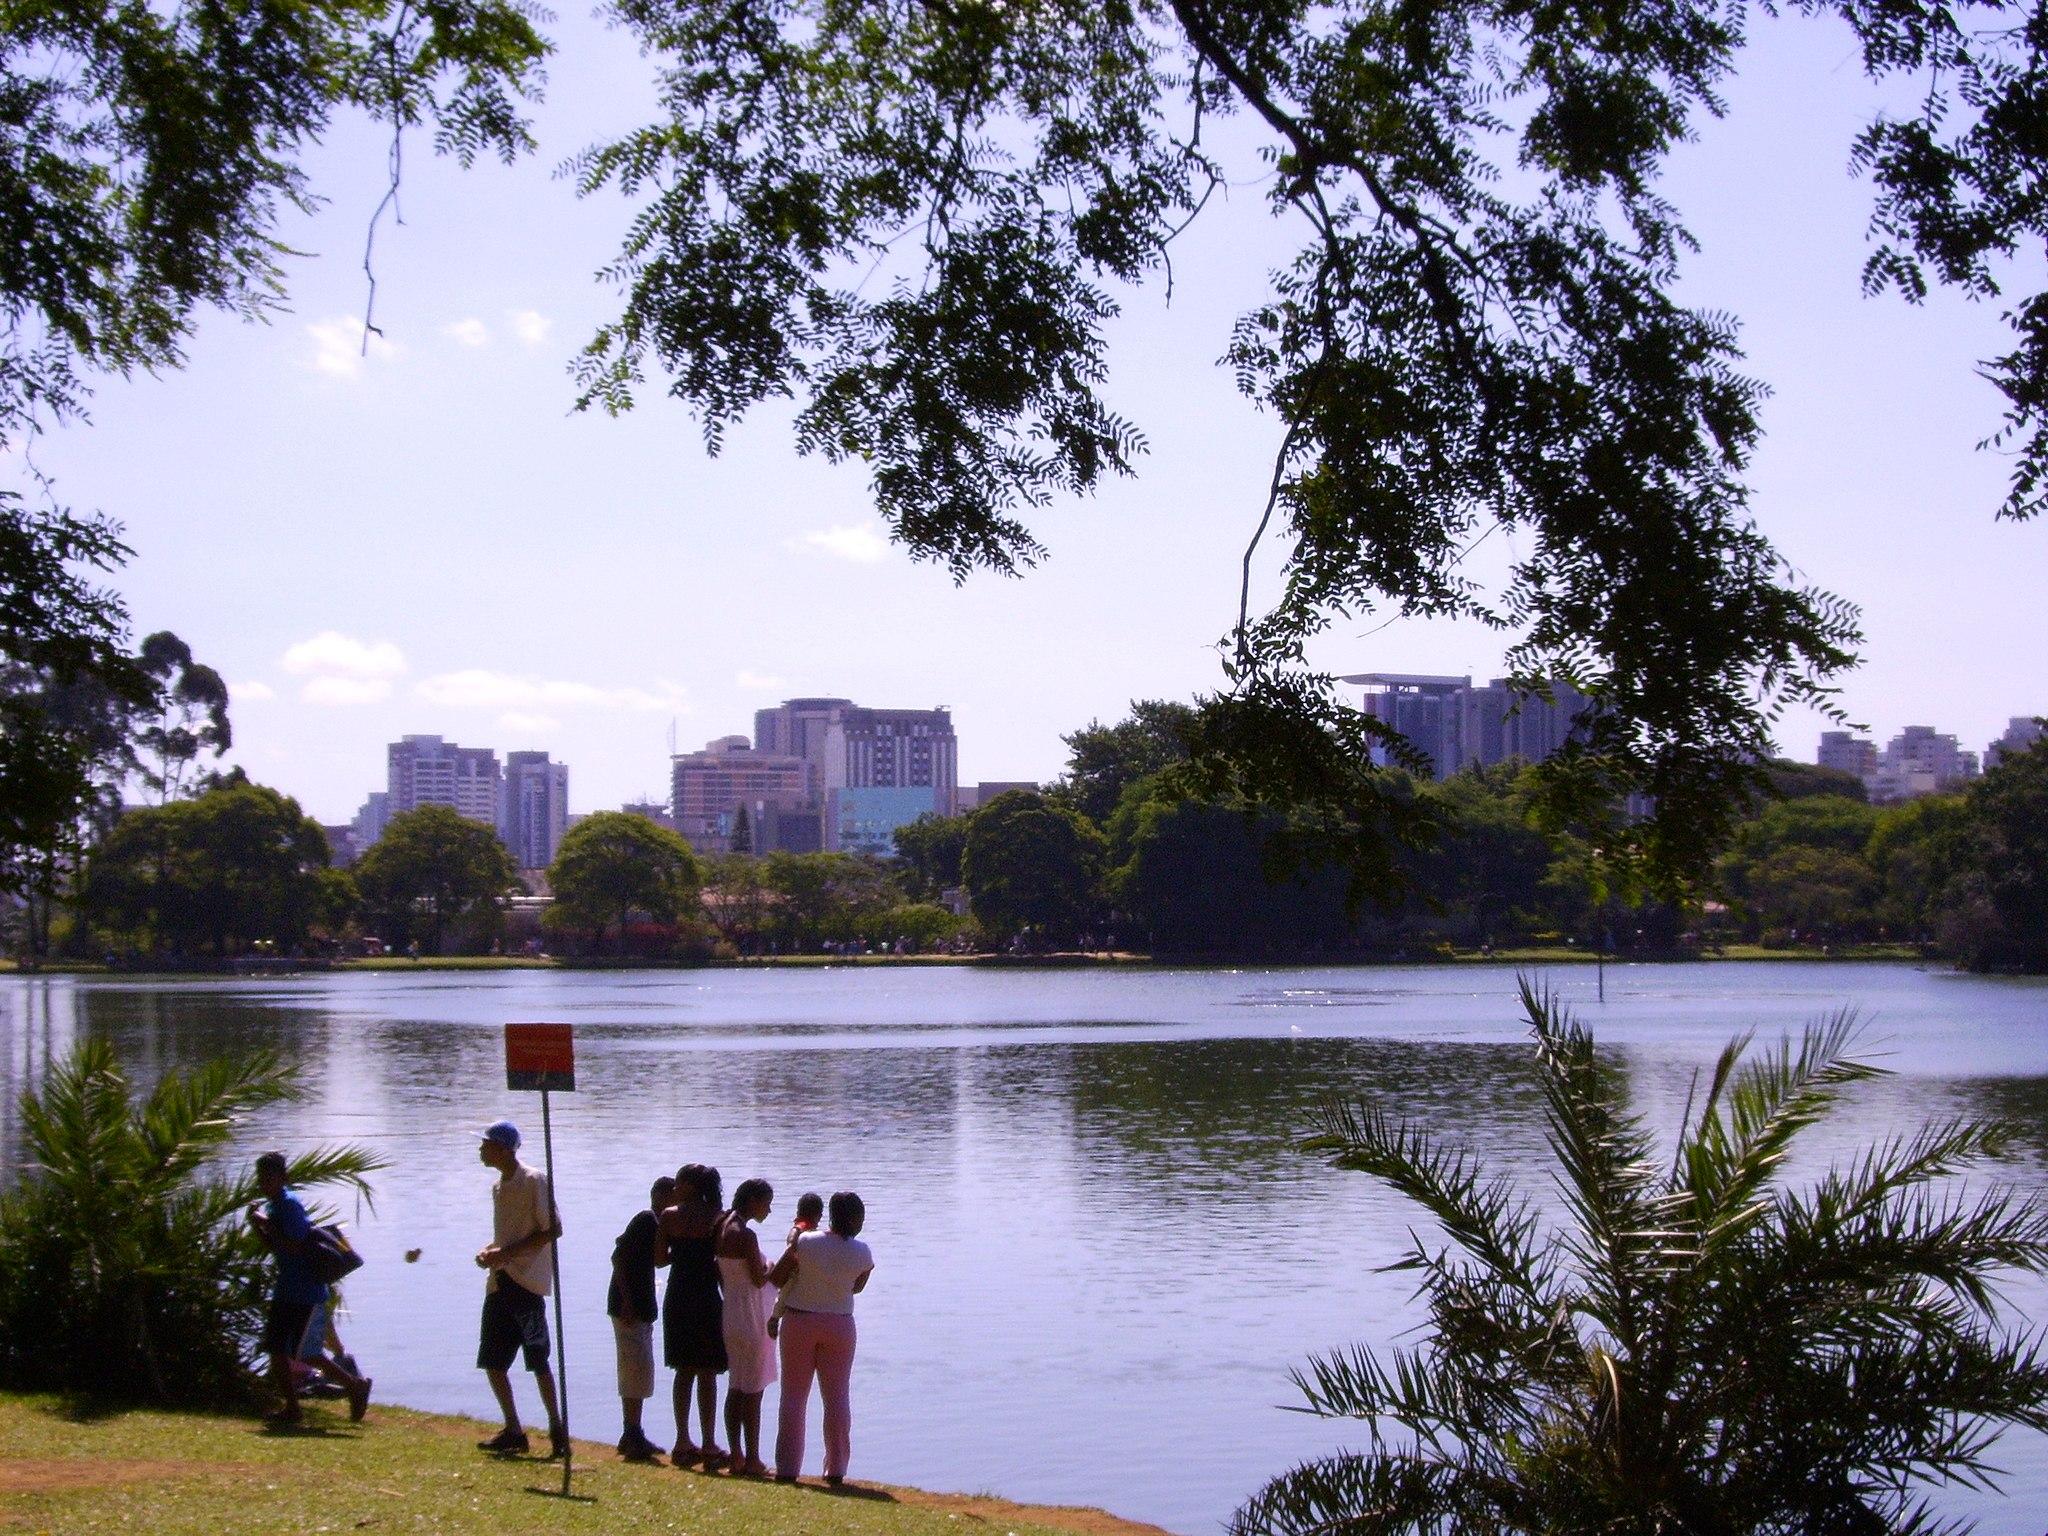 2560x1920 lake in parque do ibirapuera